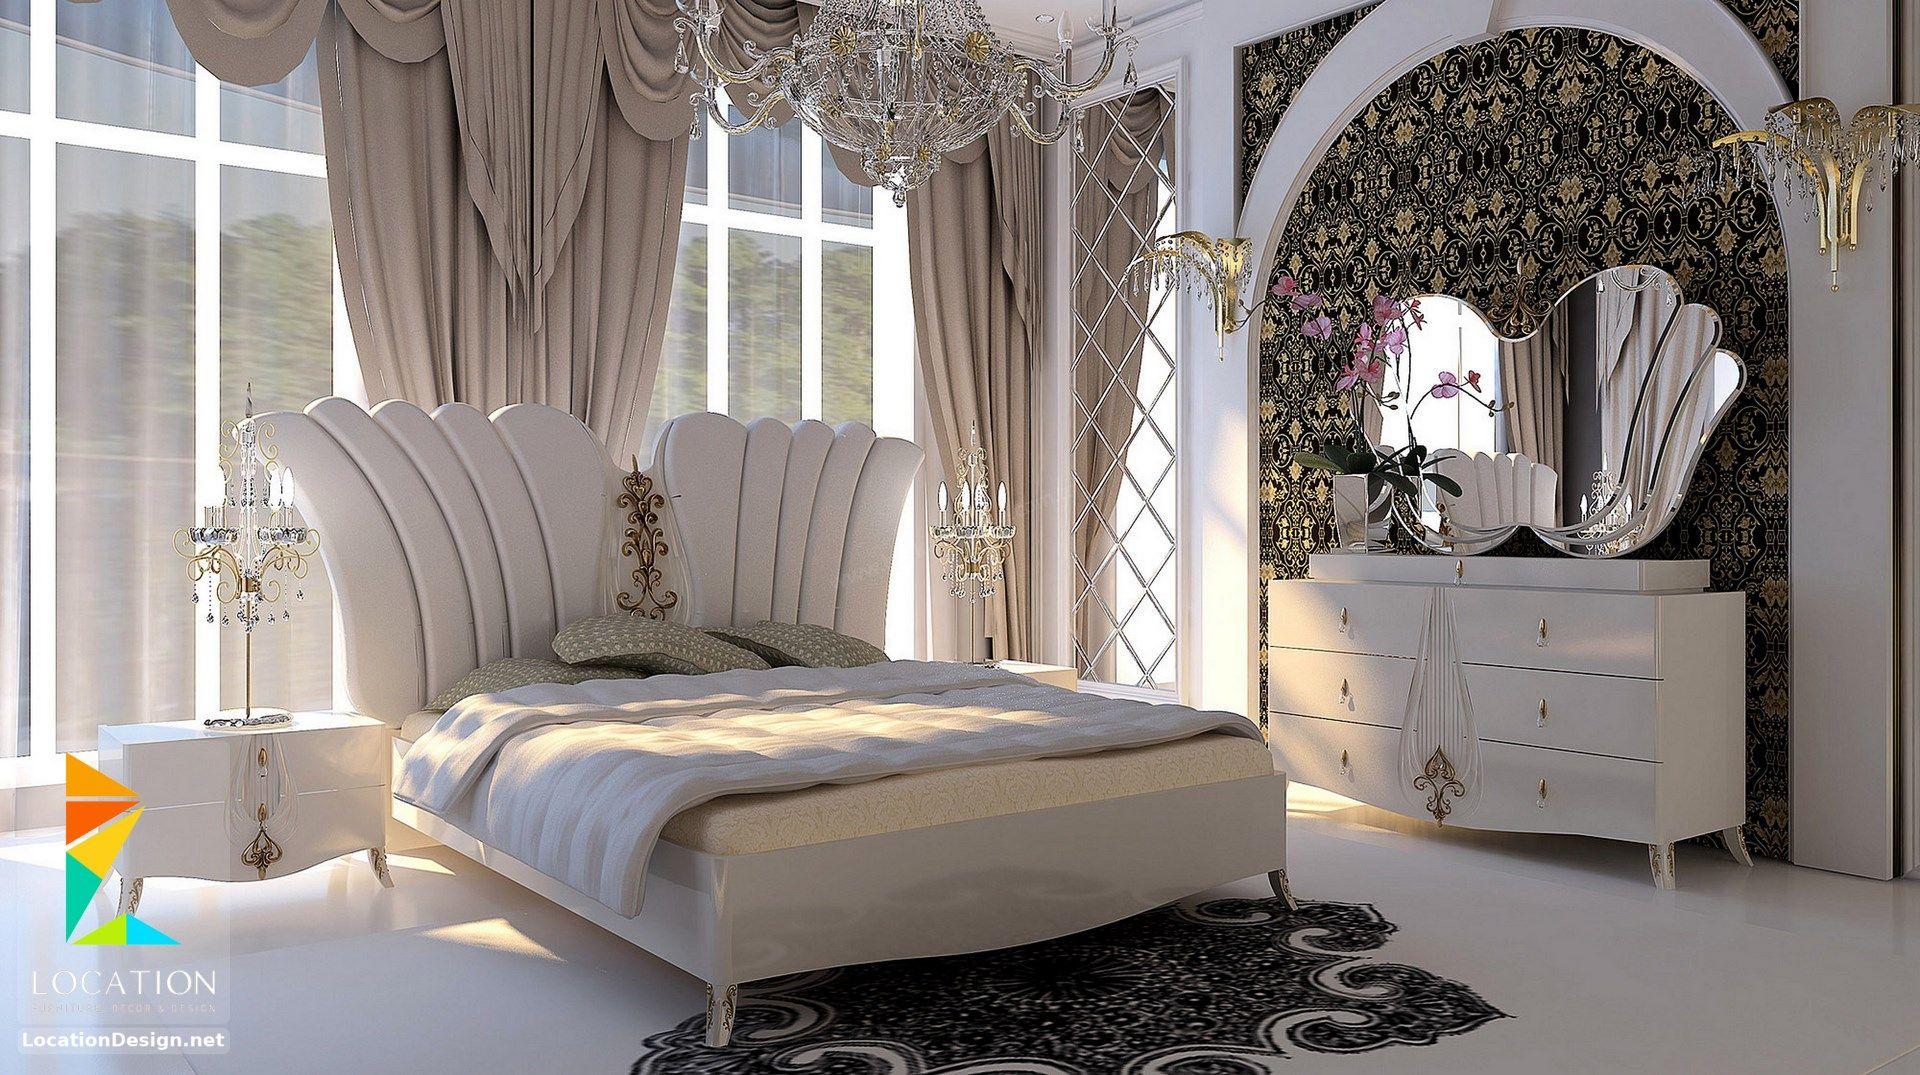 غرف نوم كامله من اجمل موديلات غرف نوم عرايس مودرن 2019 Furniture Home Decor Home